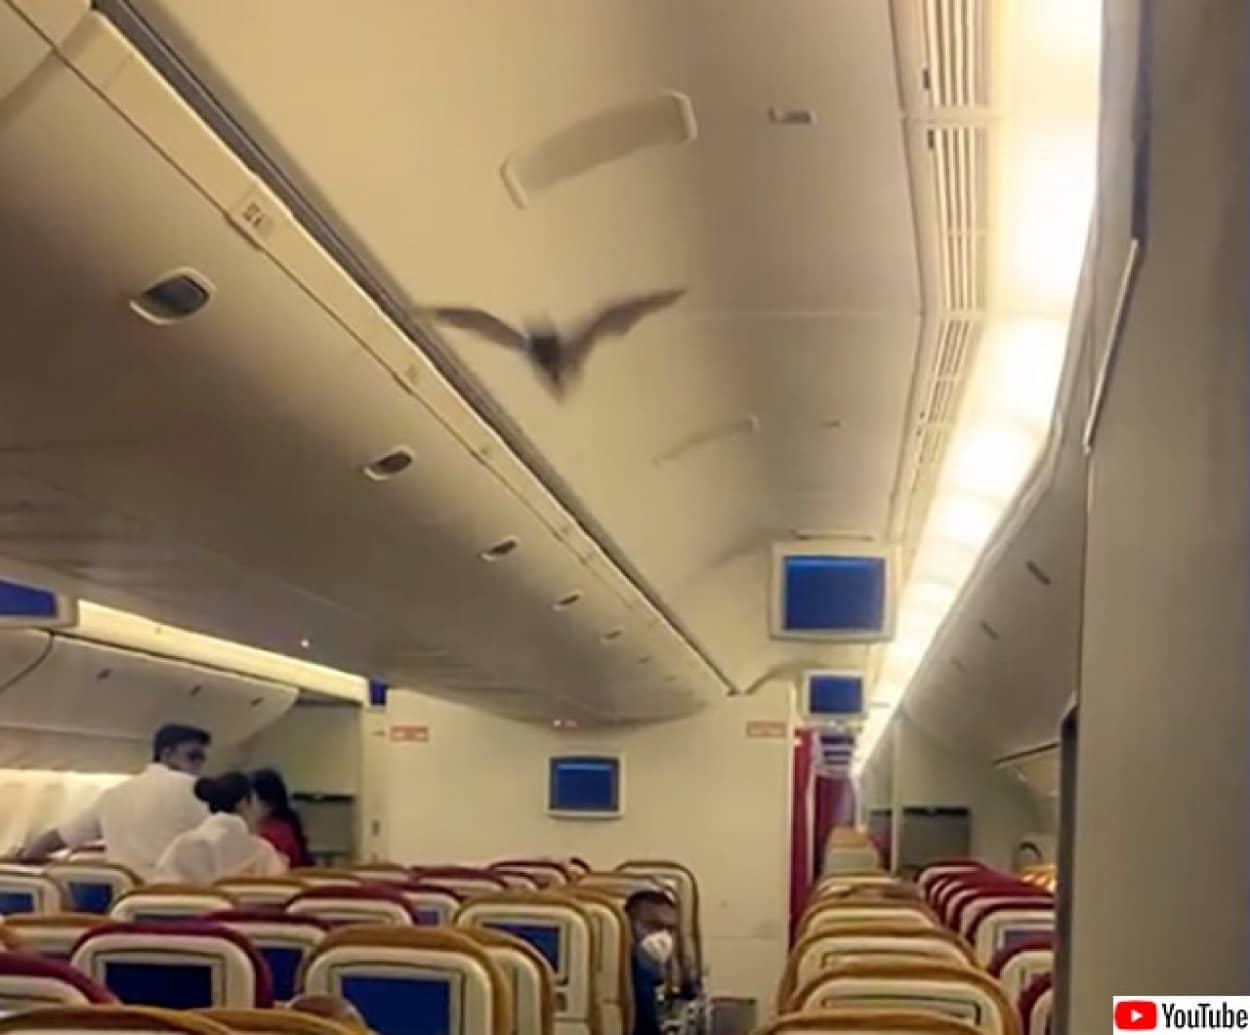 コウモリのハイジャック?飛行機内にコウモリが侵入し飛び回る